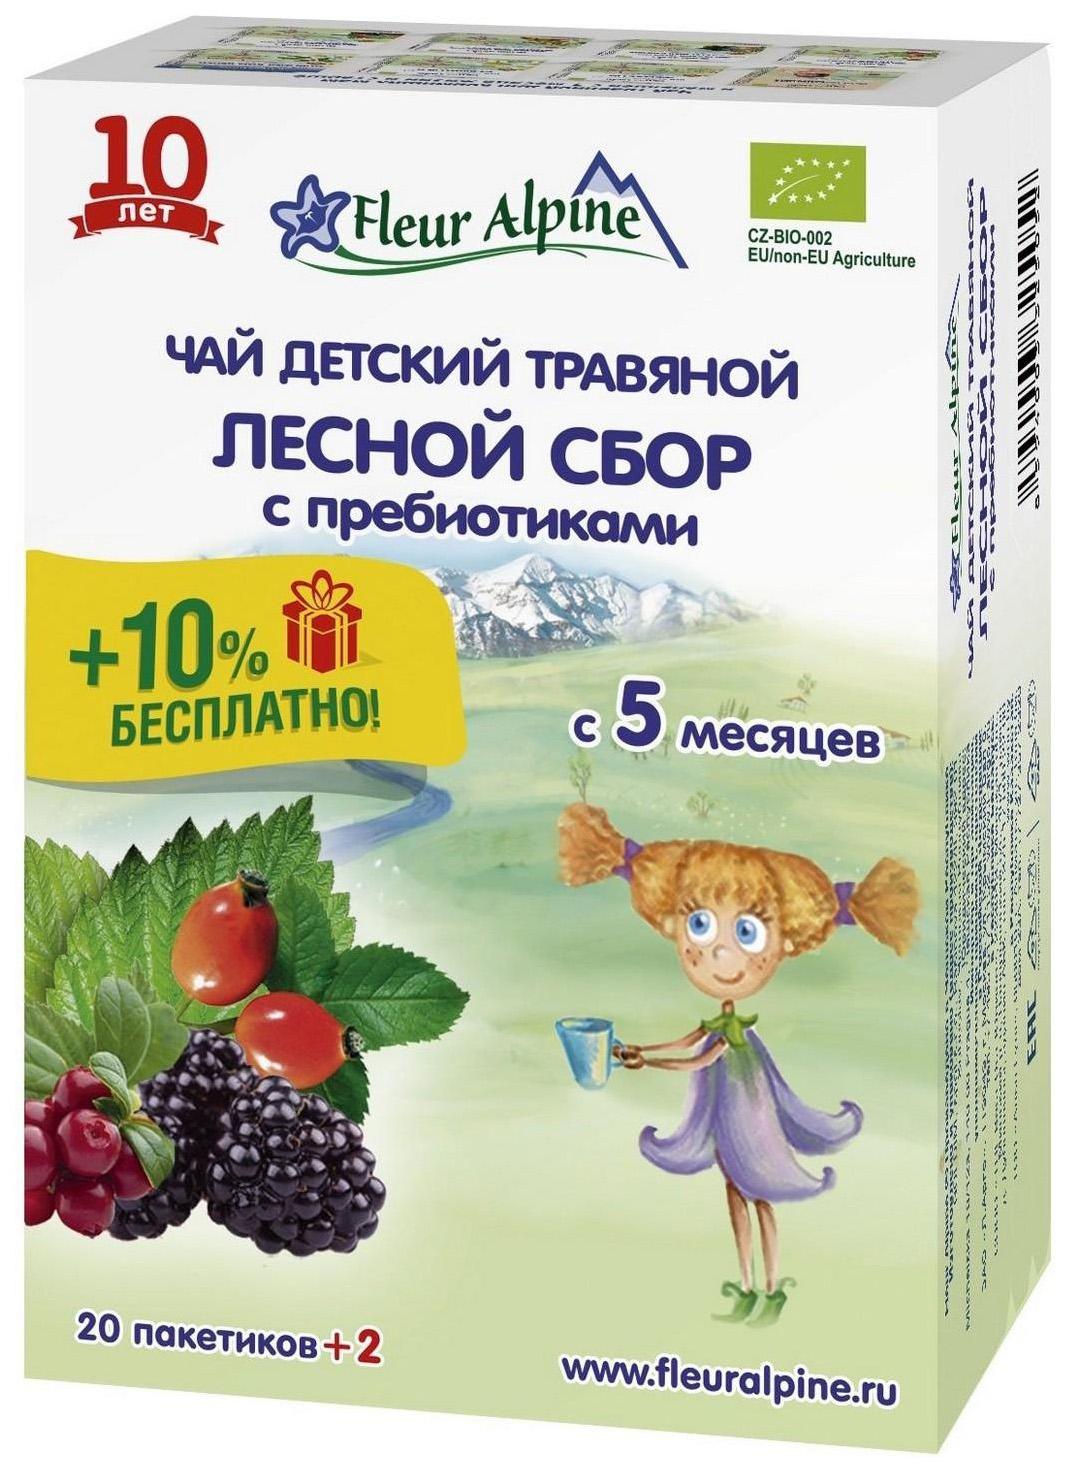 Чай детский Fleur Alpine Лесной сбор с пребиотиками с 5 месяцев - 20 пакетиков по 1,5 г фото